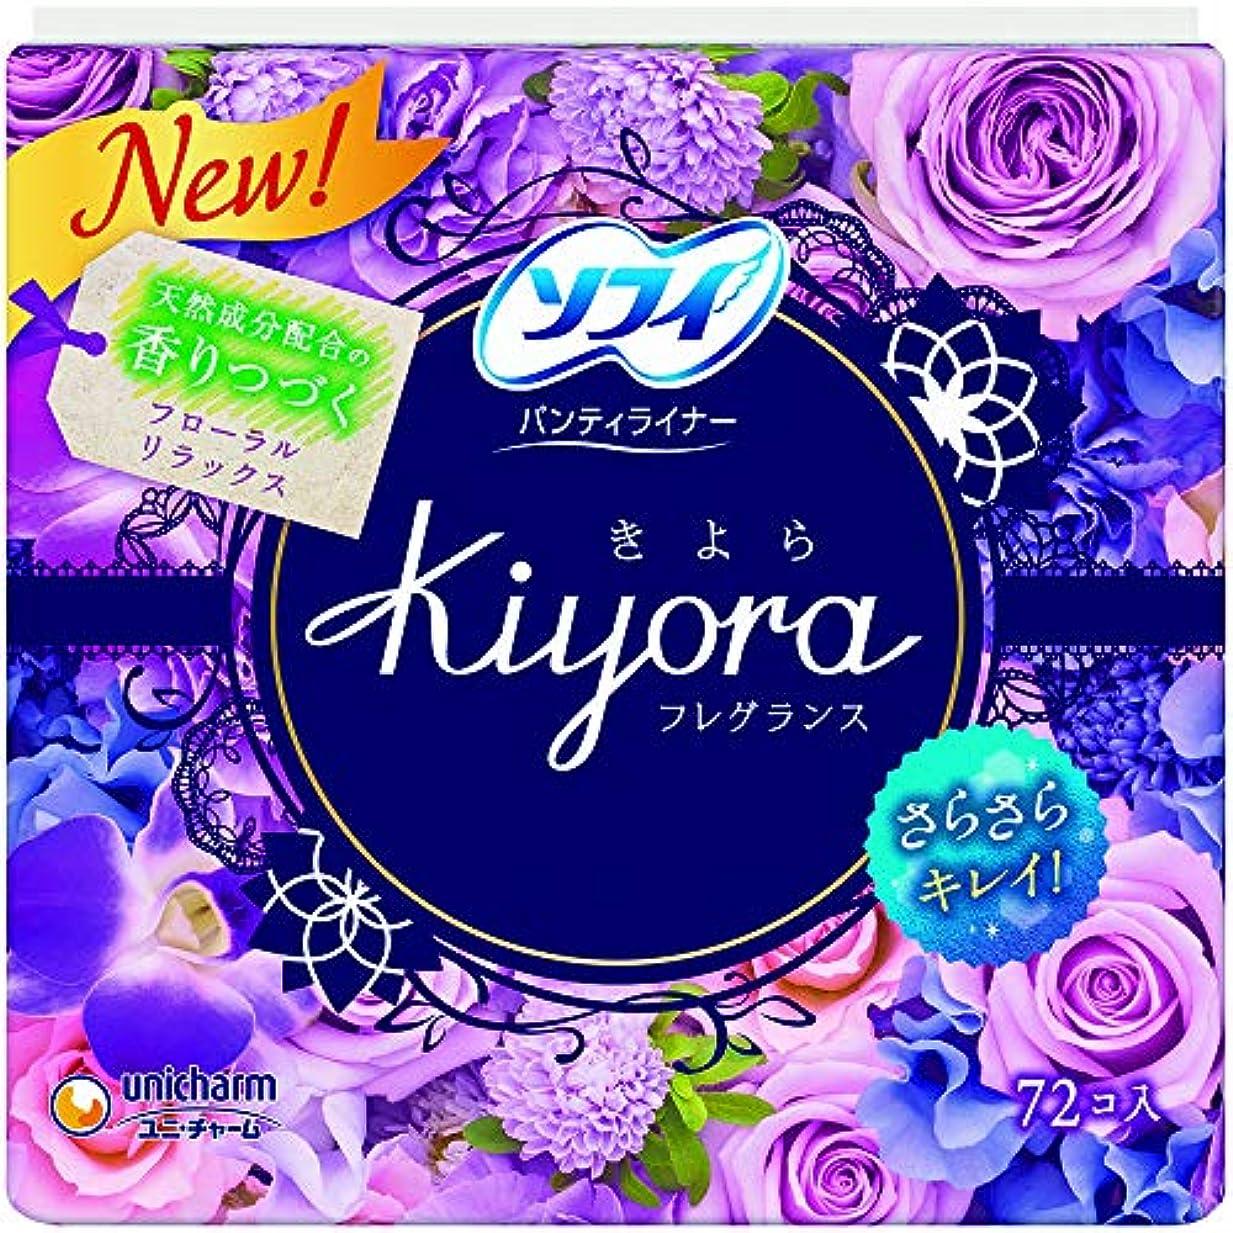 怒っている自分の力ですべてをするくまユニチャーム ソフィ Kiyora(きよら) フレグランスリラックス 72枚×24点セット (4903111322947)